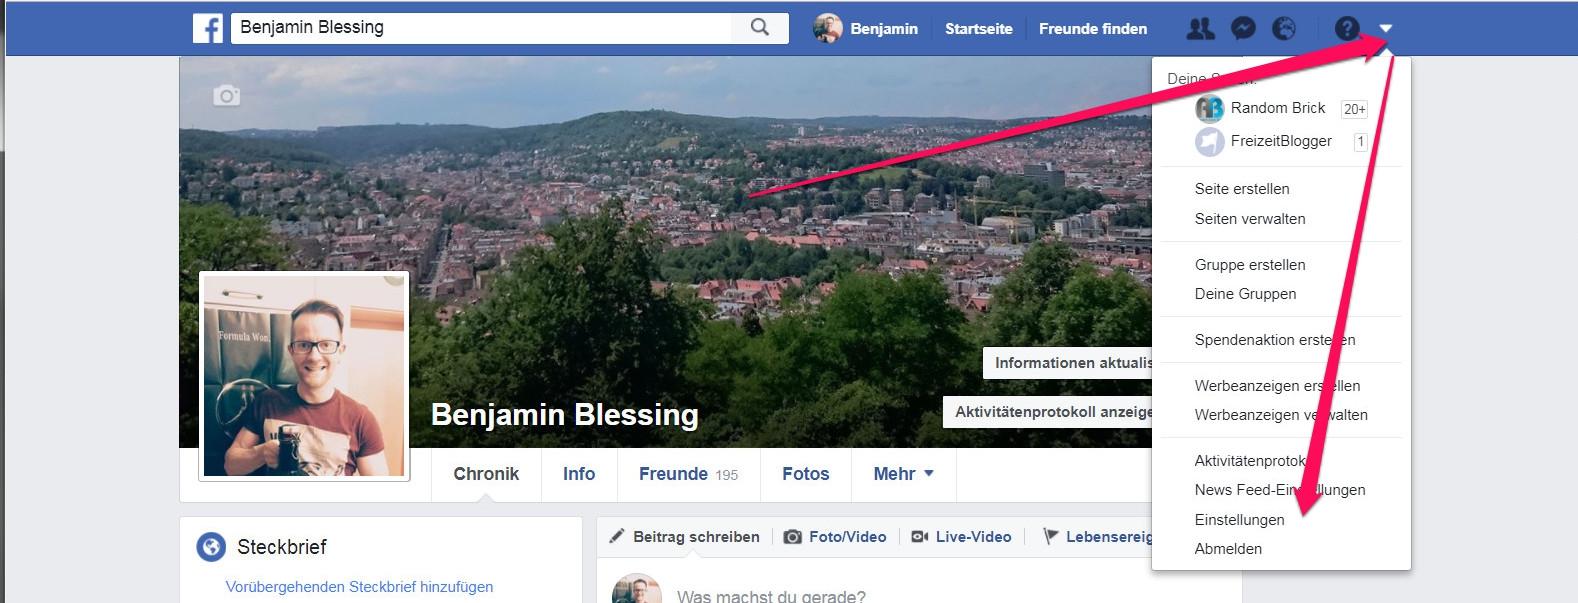 Einstellungen zum Facebook-Profil